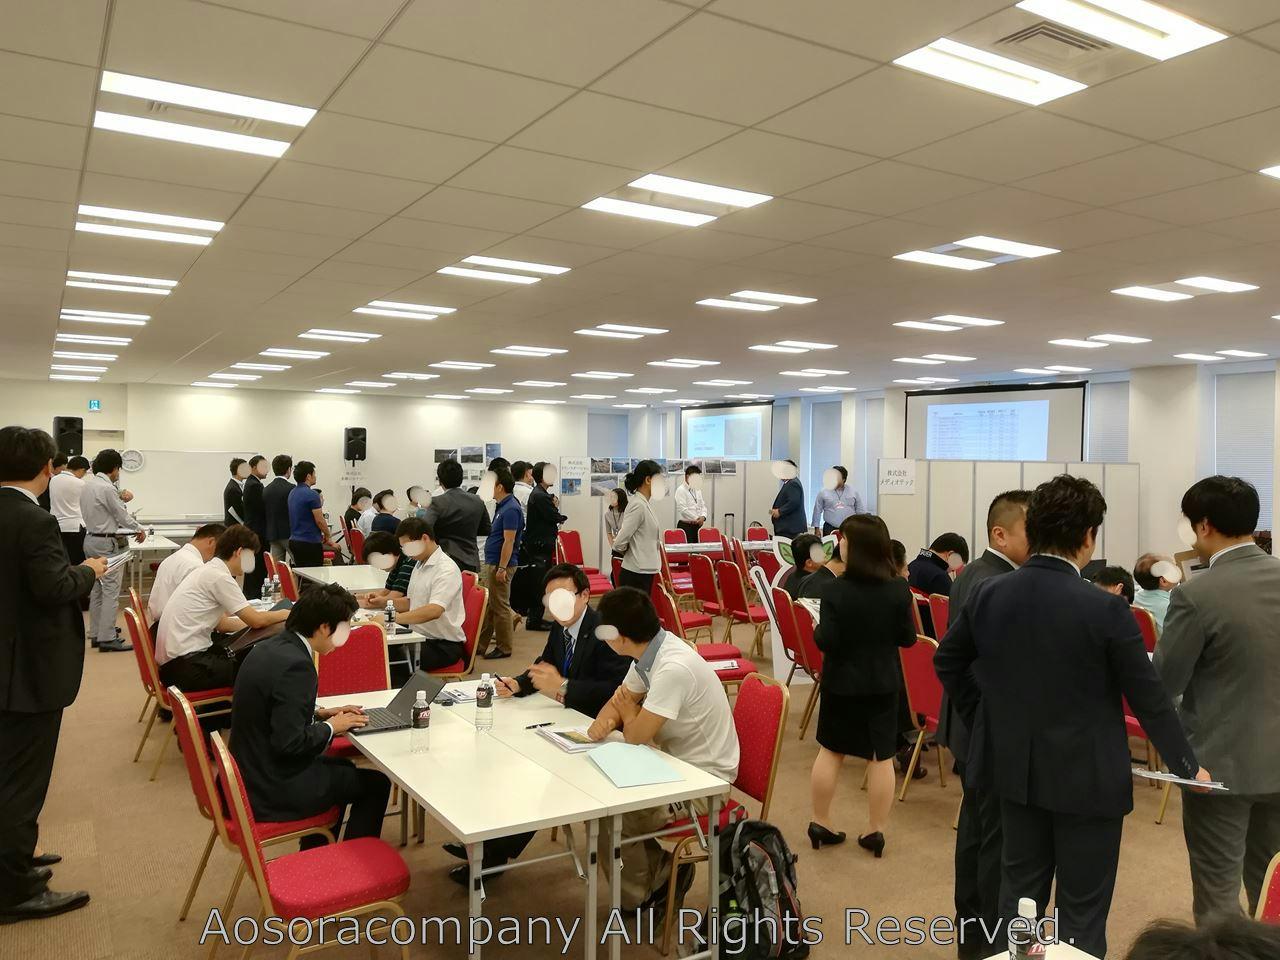 タイナビ甲子園2017レポート|分譲太陽光発電タイナビの合同販売会&セミナーへ参加